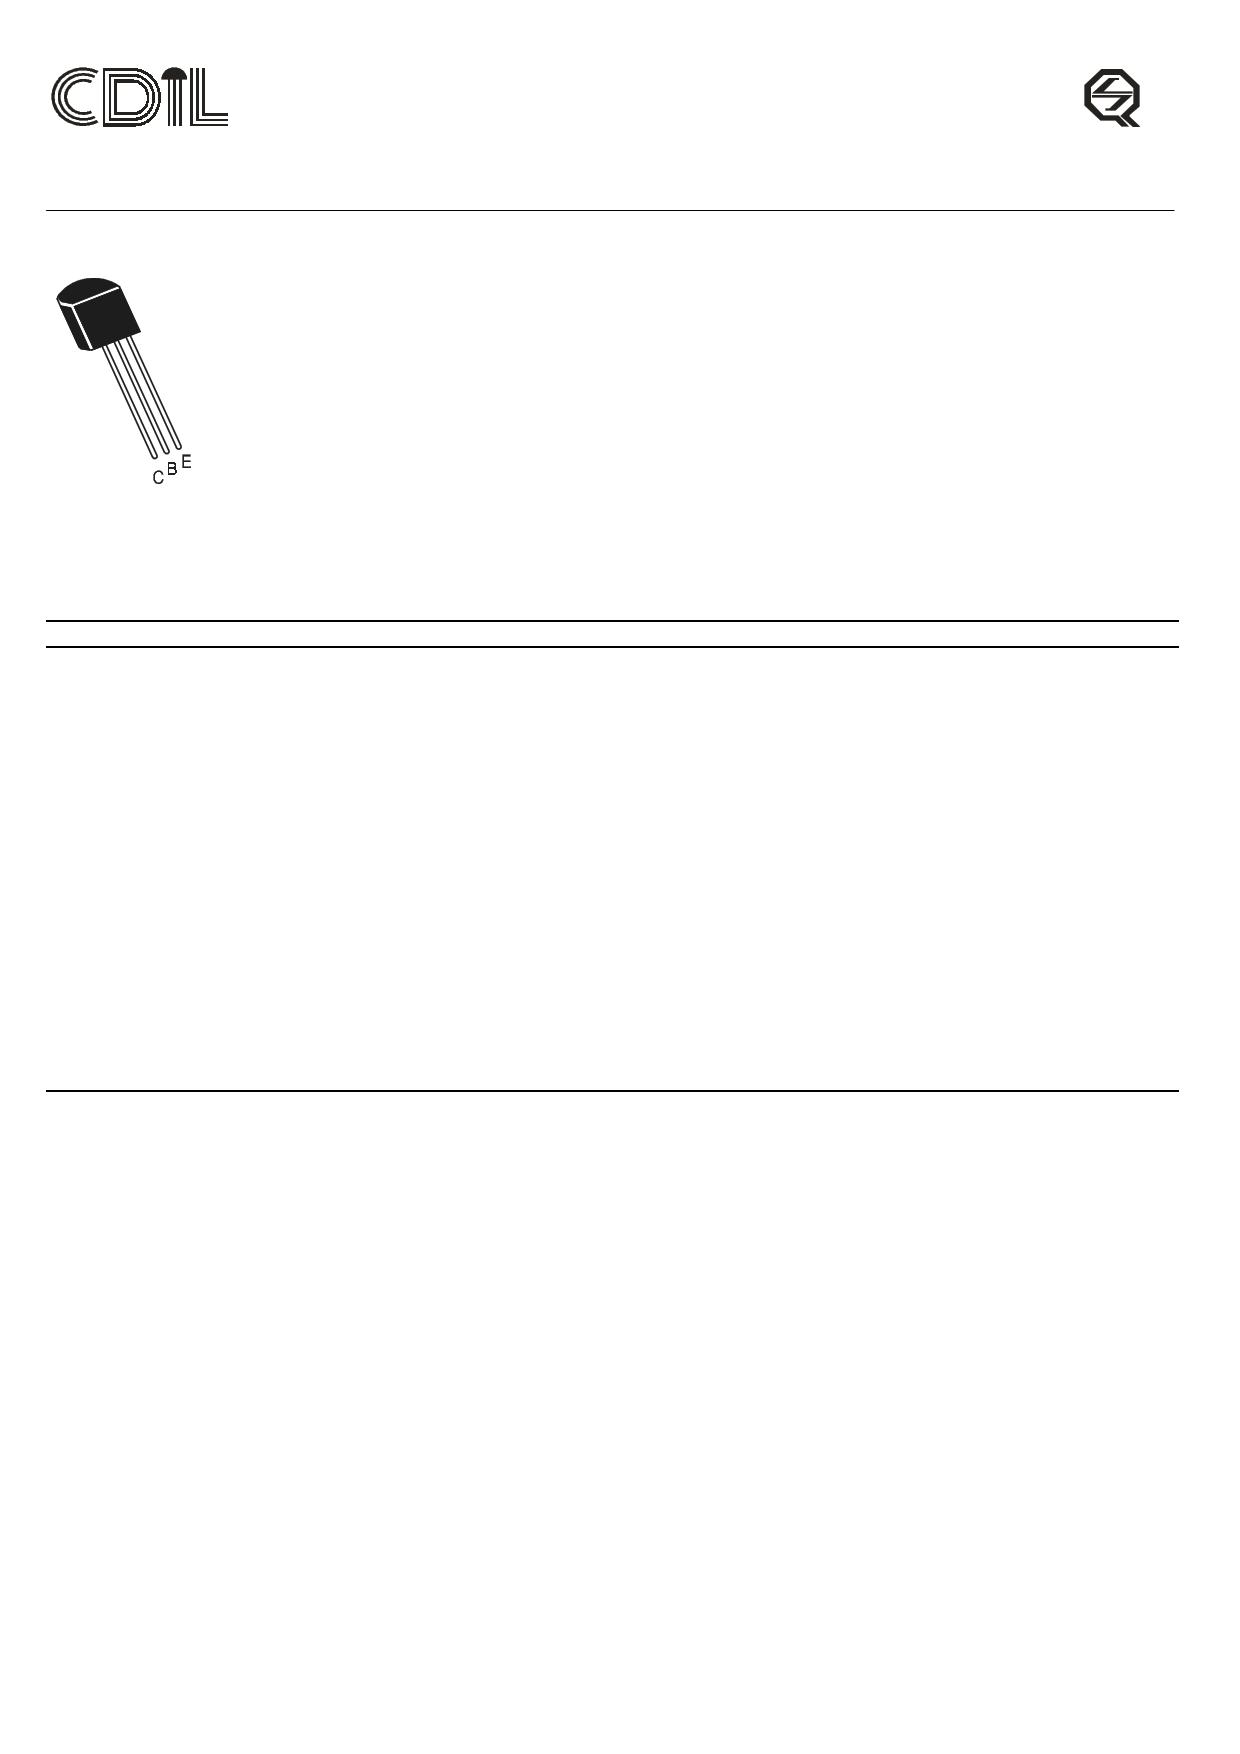 BC450A 데이터시트 및 BC450A PDF